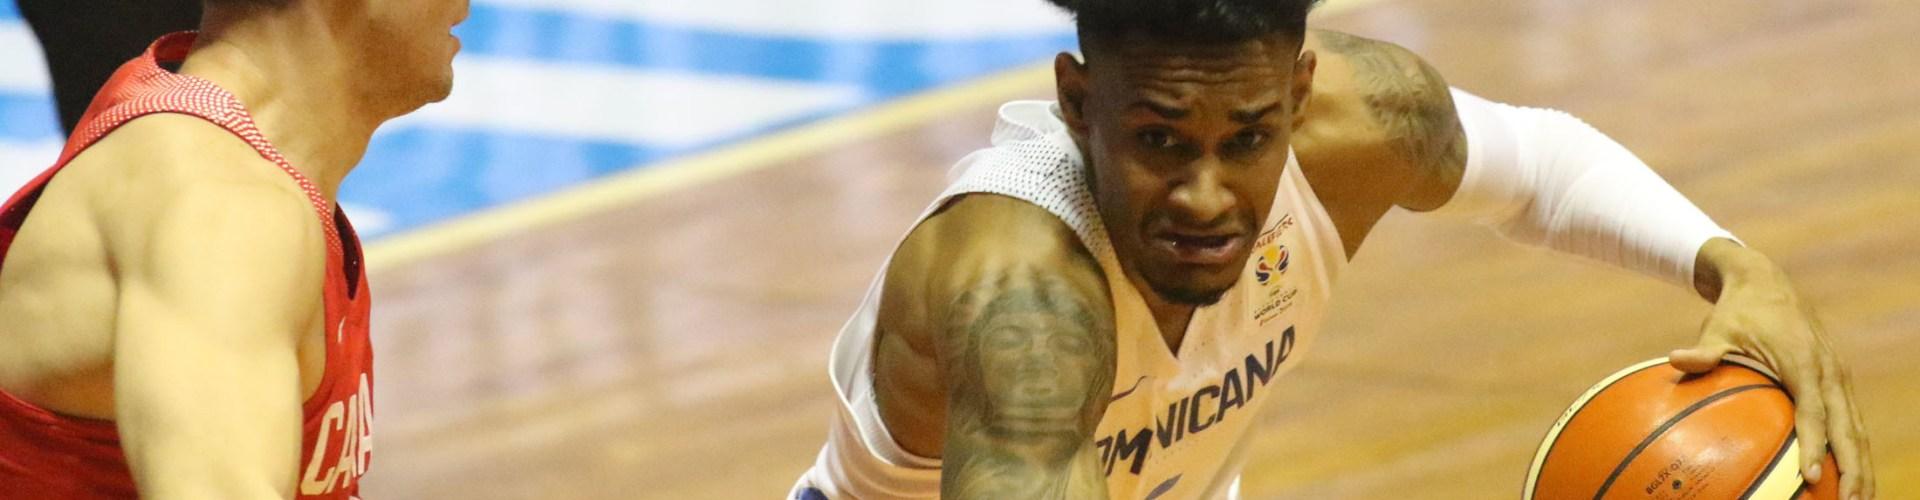 Dominicana vence Canadá en baloncesto